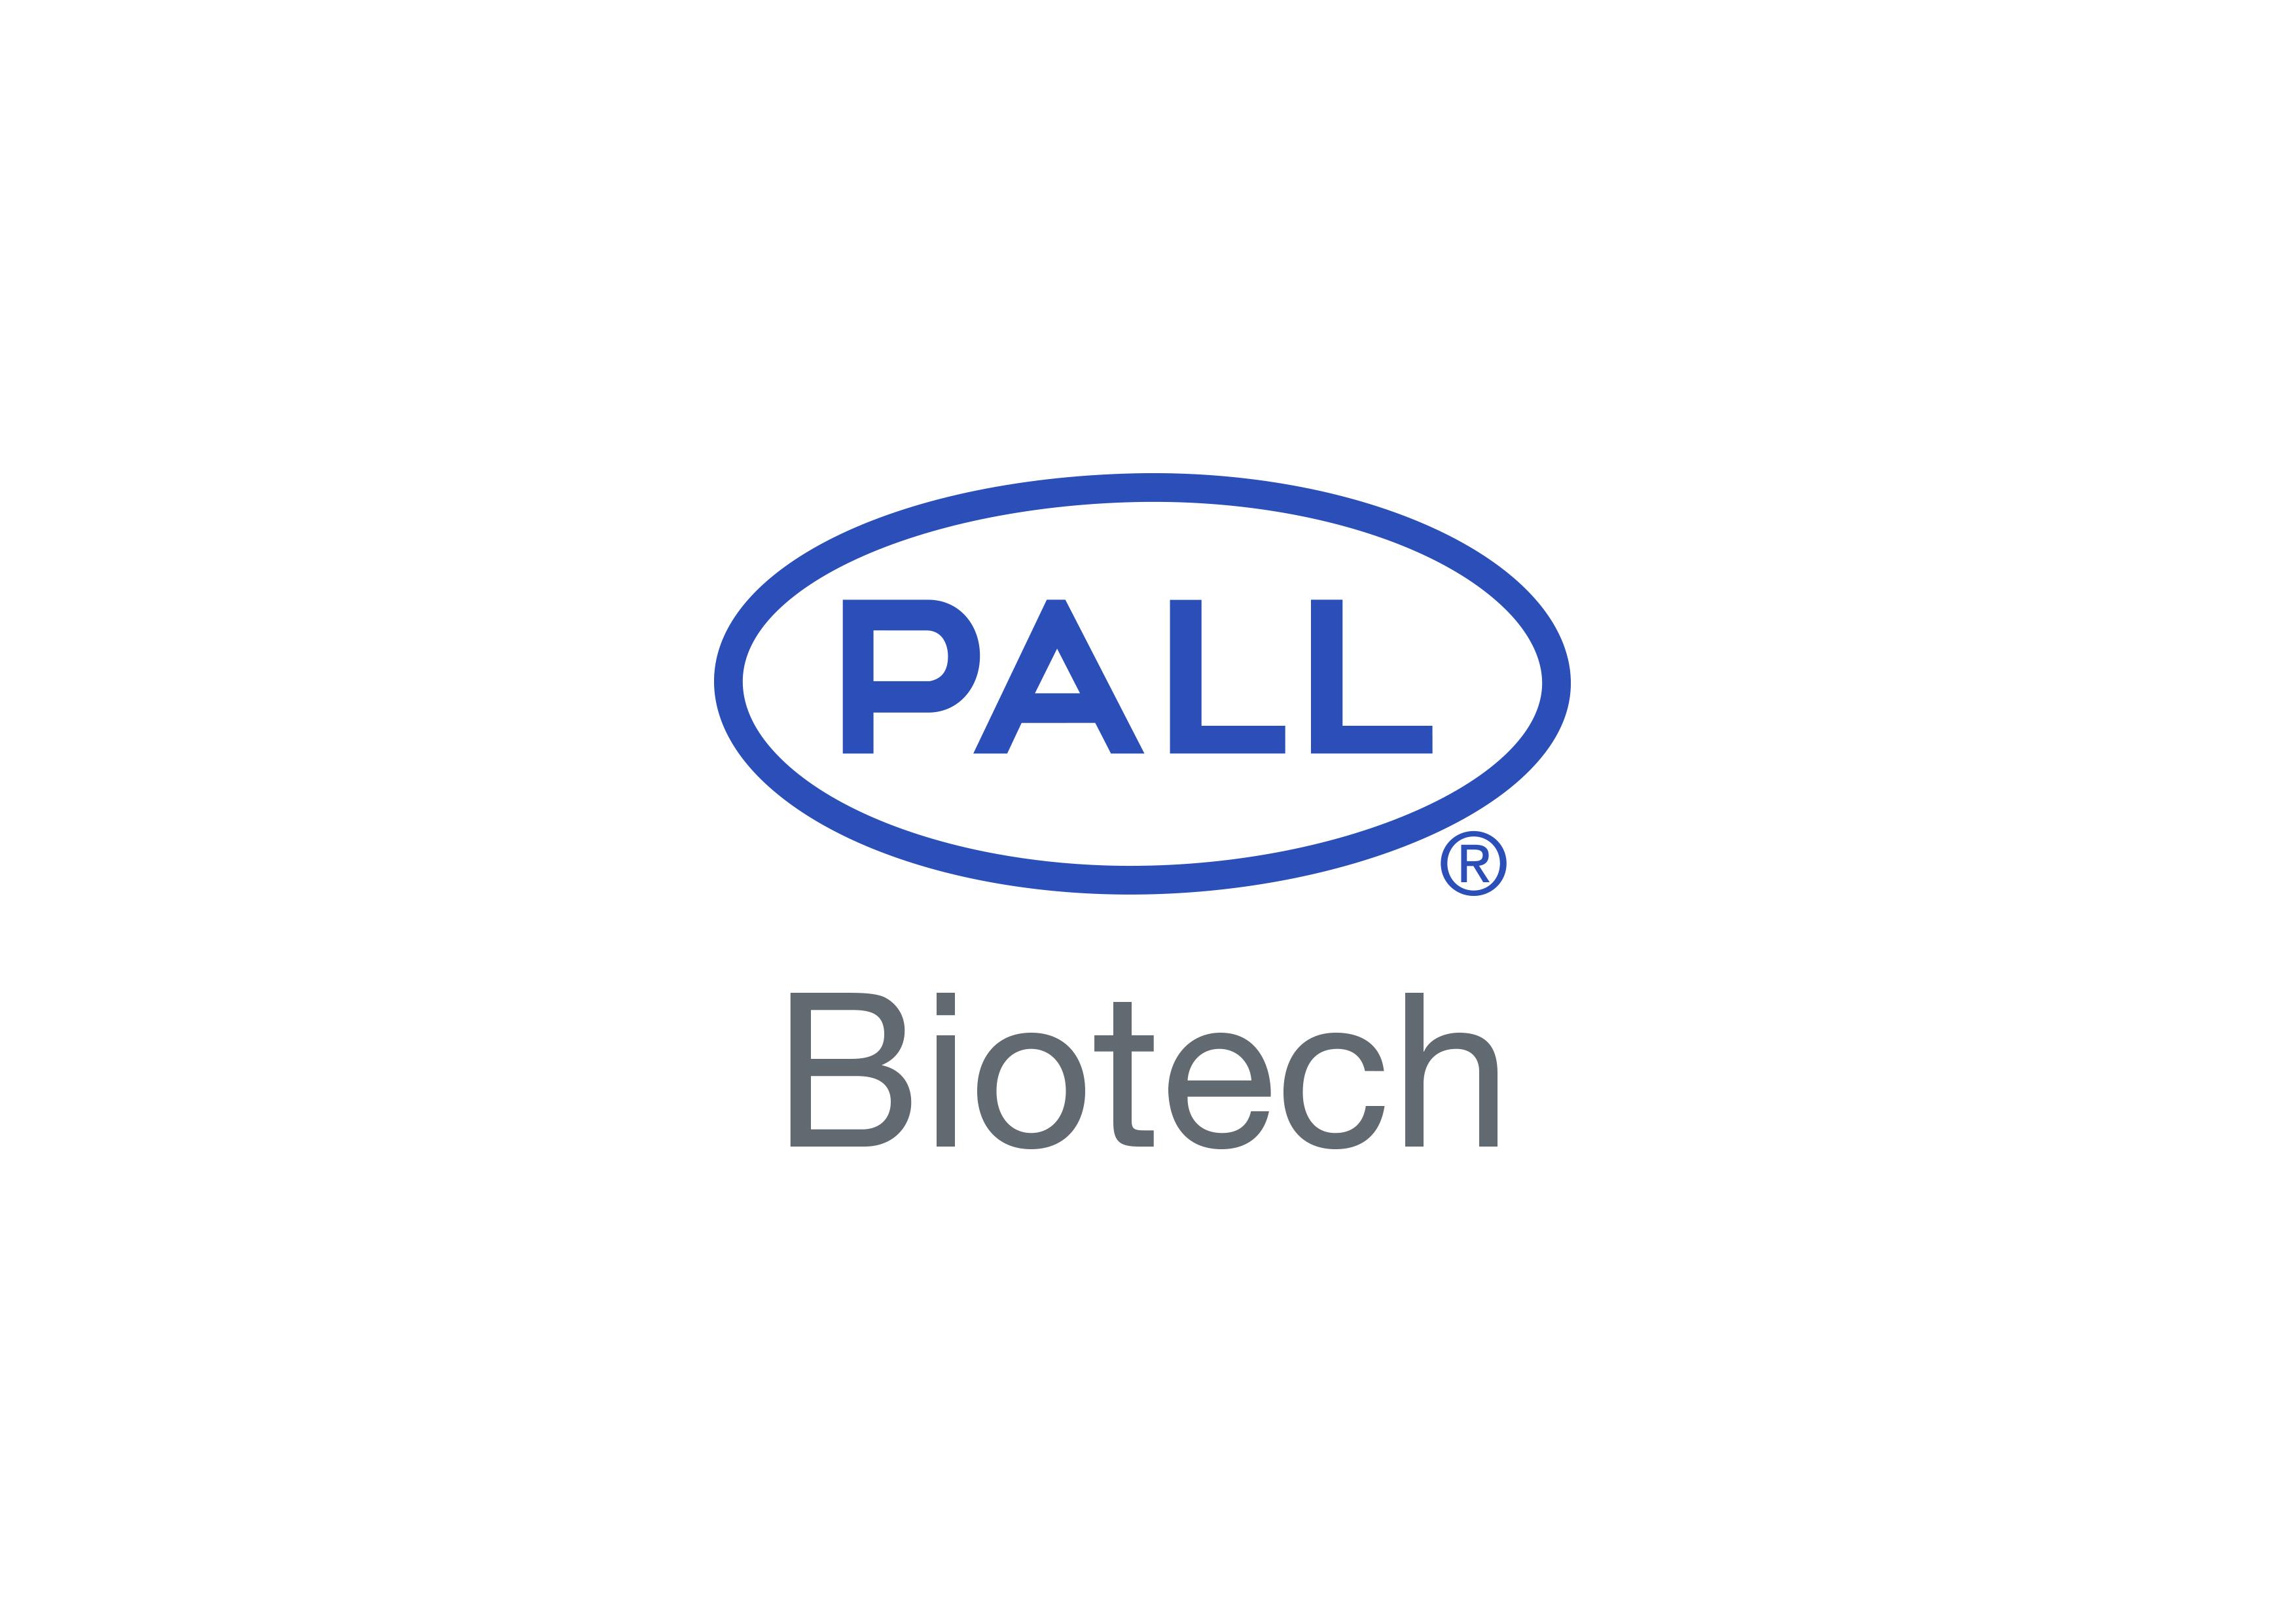 PALL Biotech